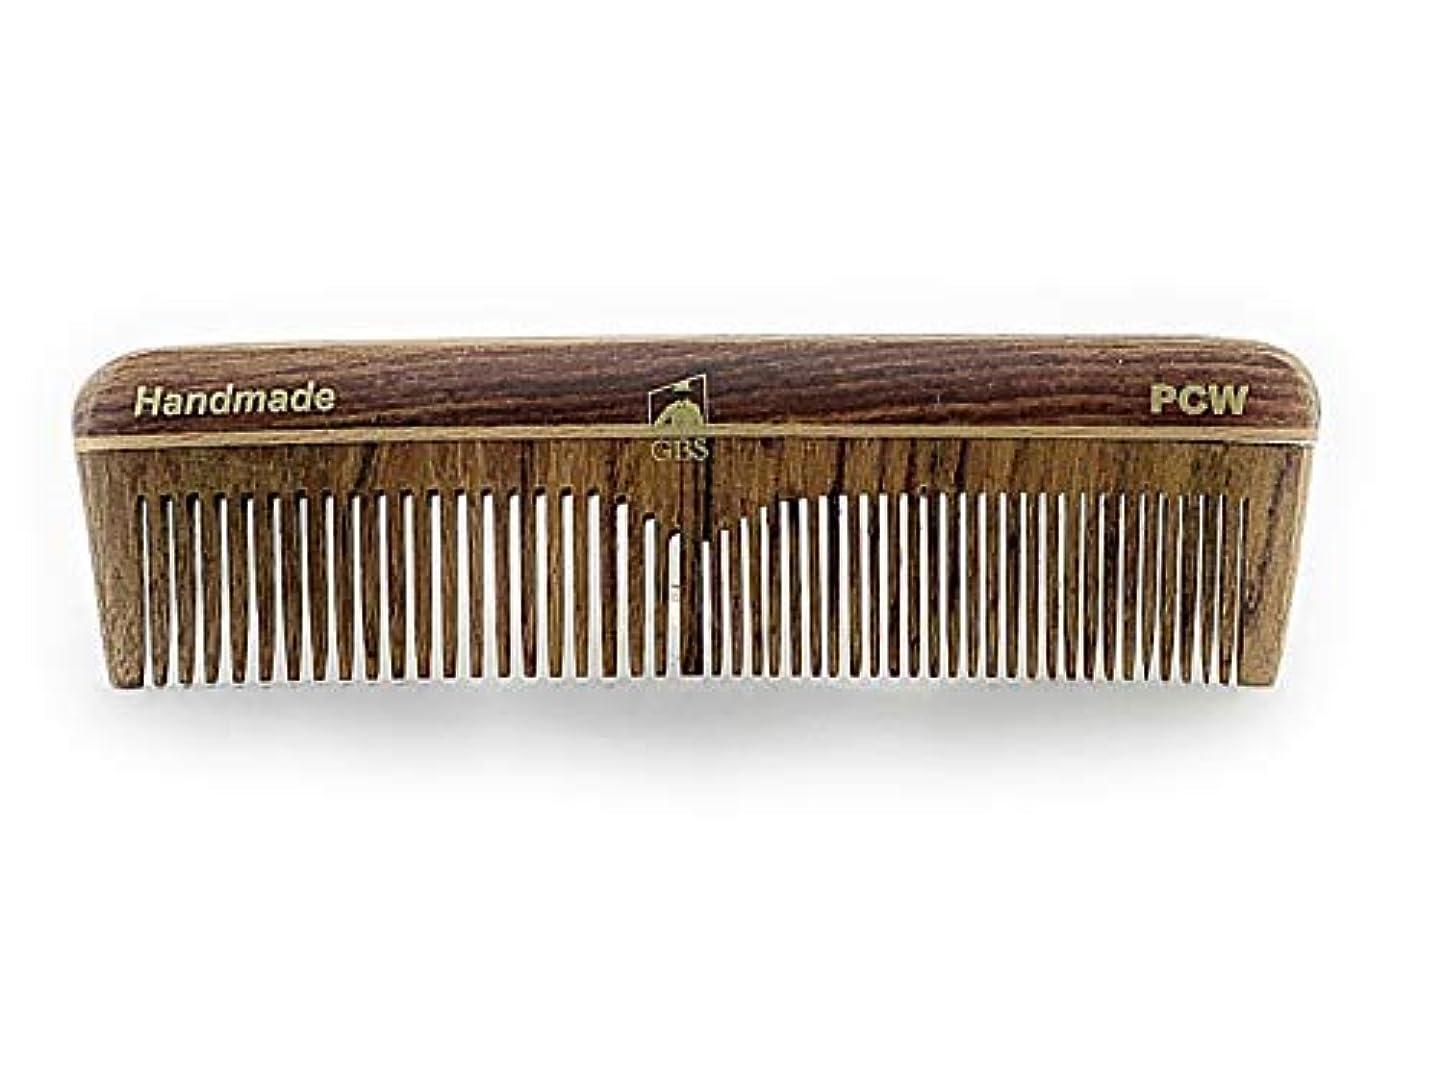 スカーフ手当メドレーGBS Natural Wood Handmade Pocket Beard and Hair Comb - Comb 5